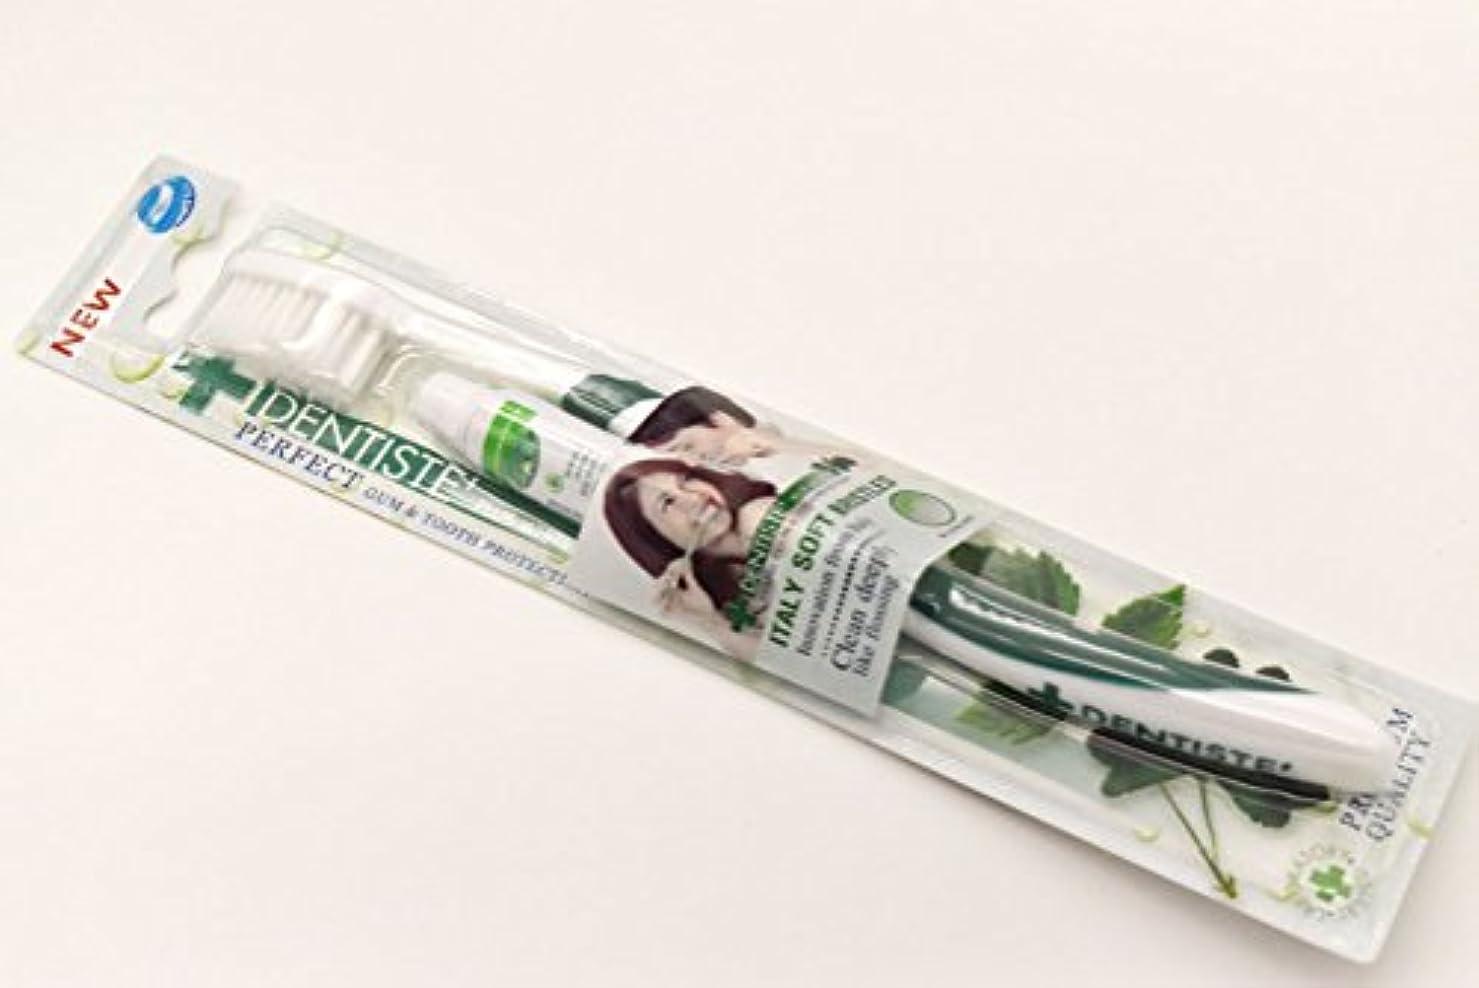 ストラトフォードオンエイボン貢献するランドリーDENTISTE' デンティス 歯ブラシ 歯磨き粉5g付き (アソート歯ブラシ※色は選べません) 並行輸入品